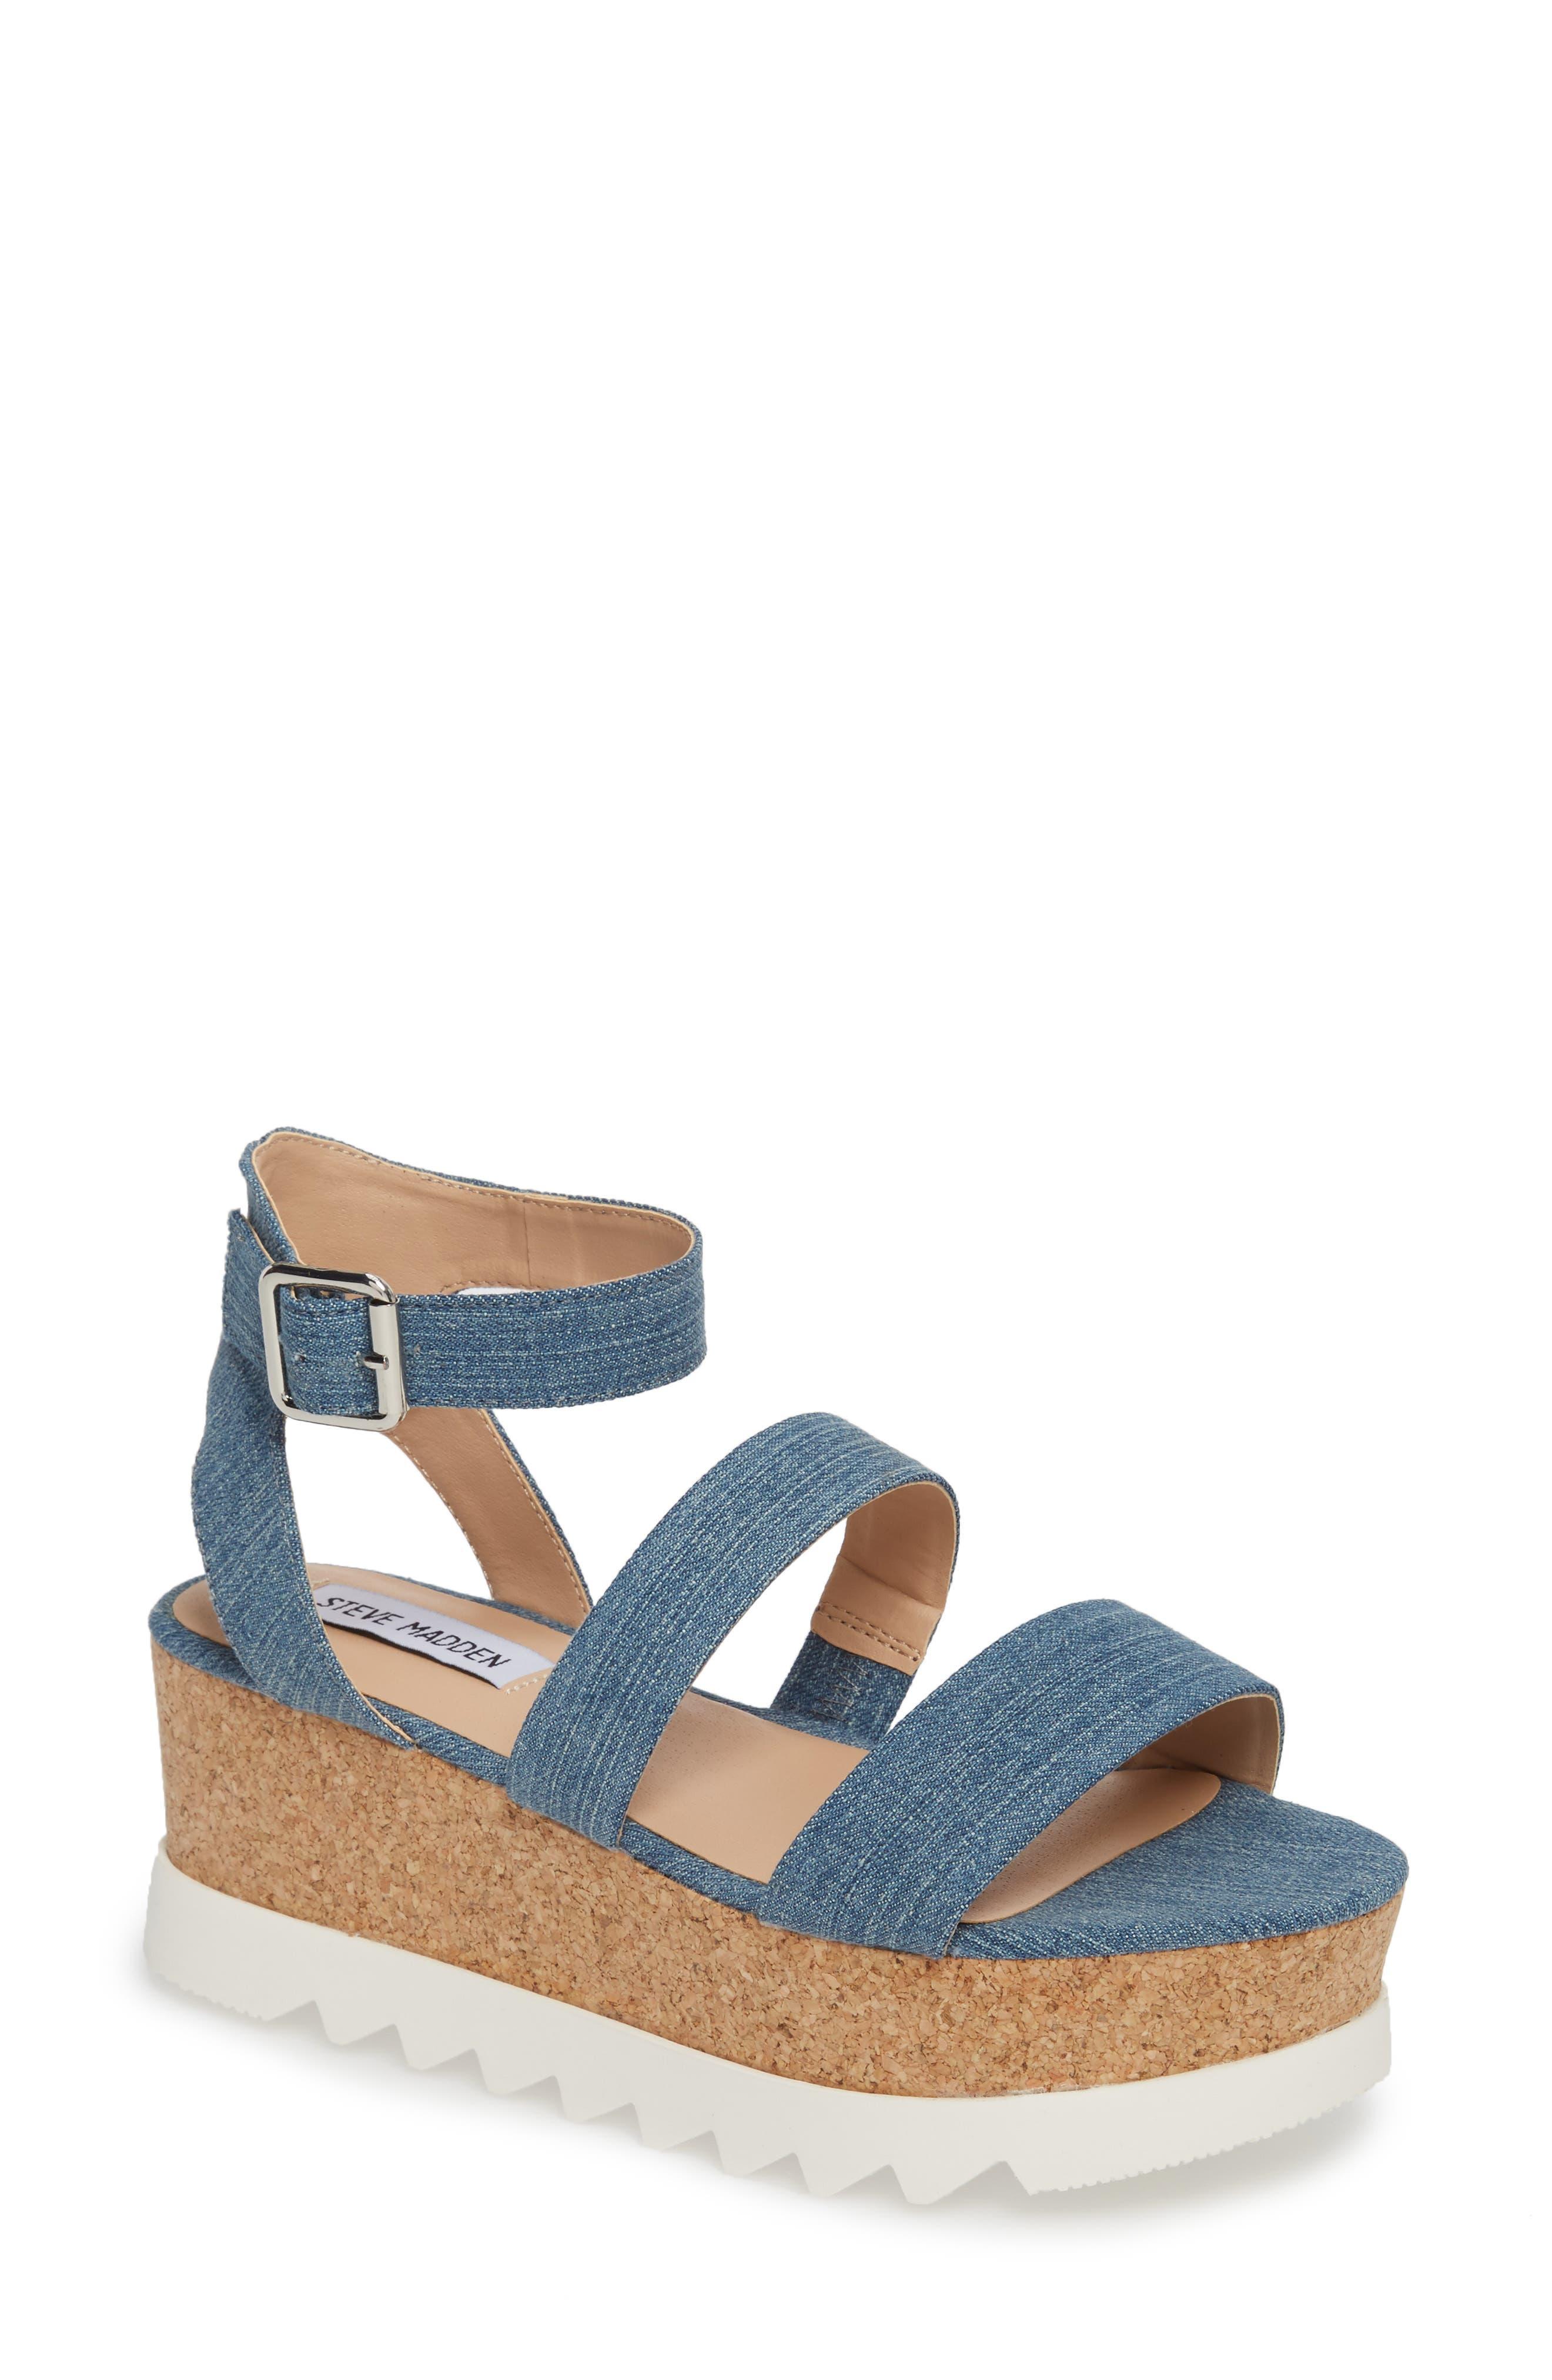 Alternate Image 1 Selected - Steve Madden Kirsten Layered Platform Sandal (Women)